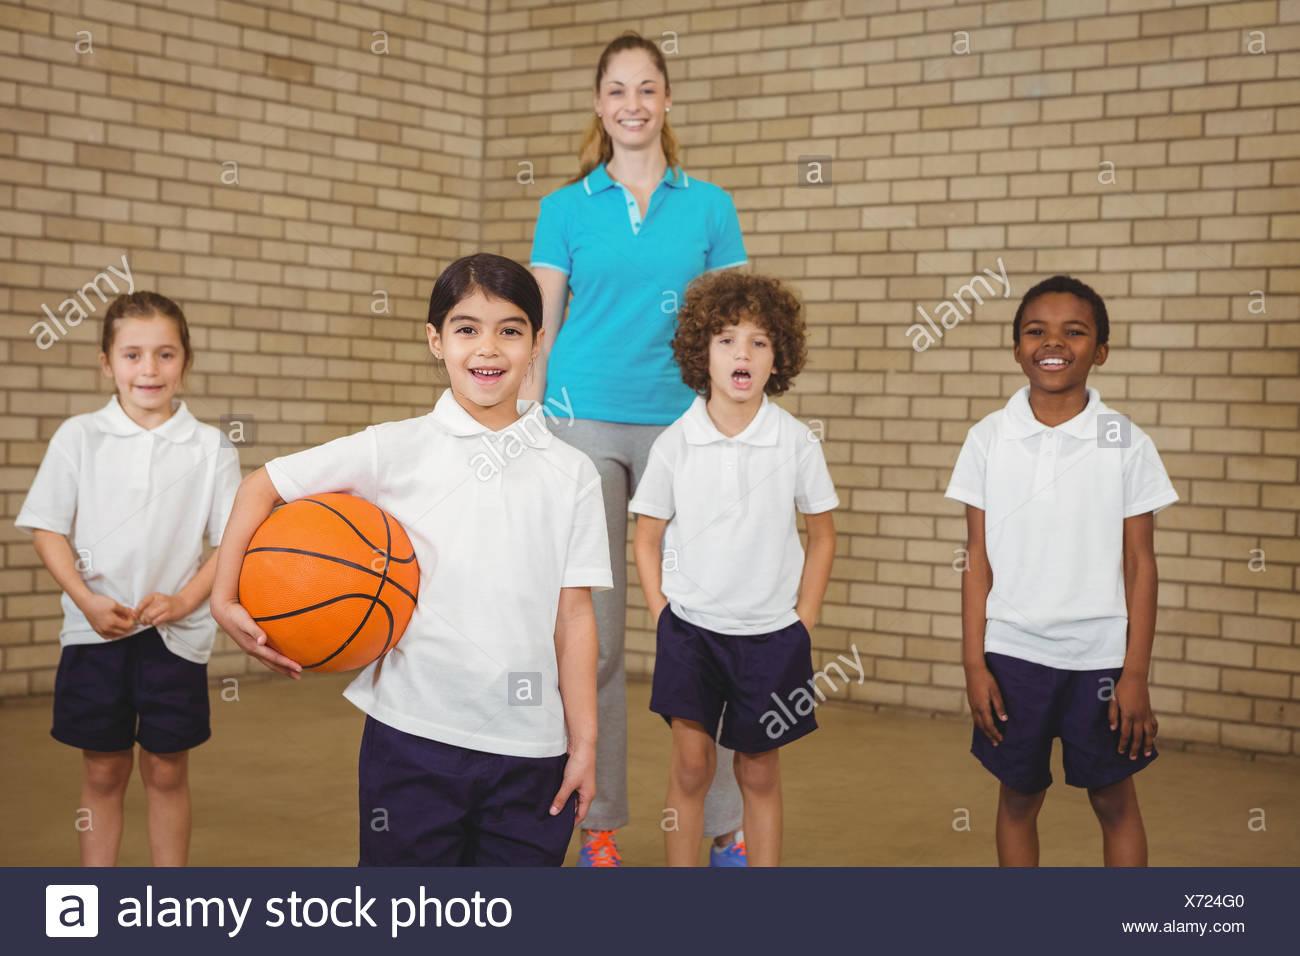 Los estudiantes juntos a jugar baloncesto Imagen De Stock